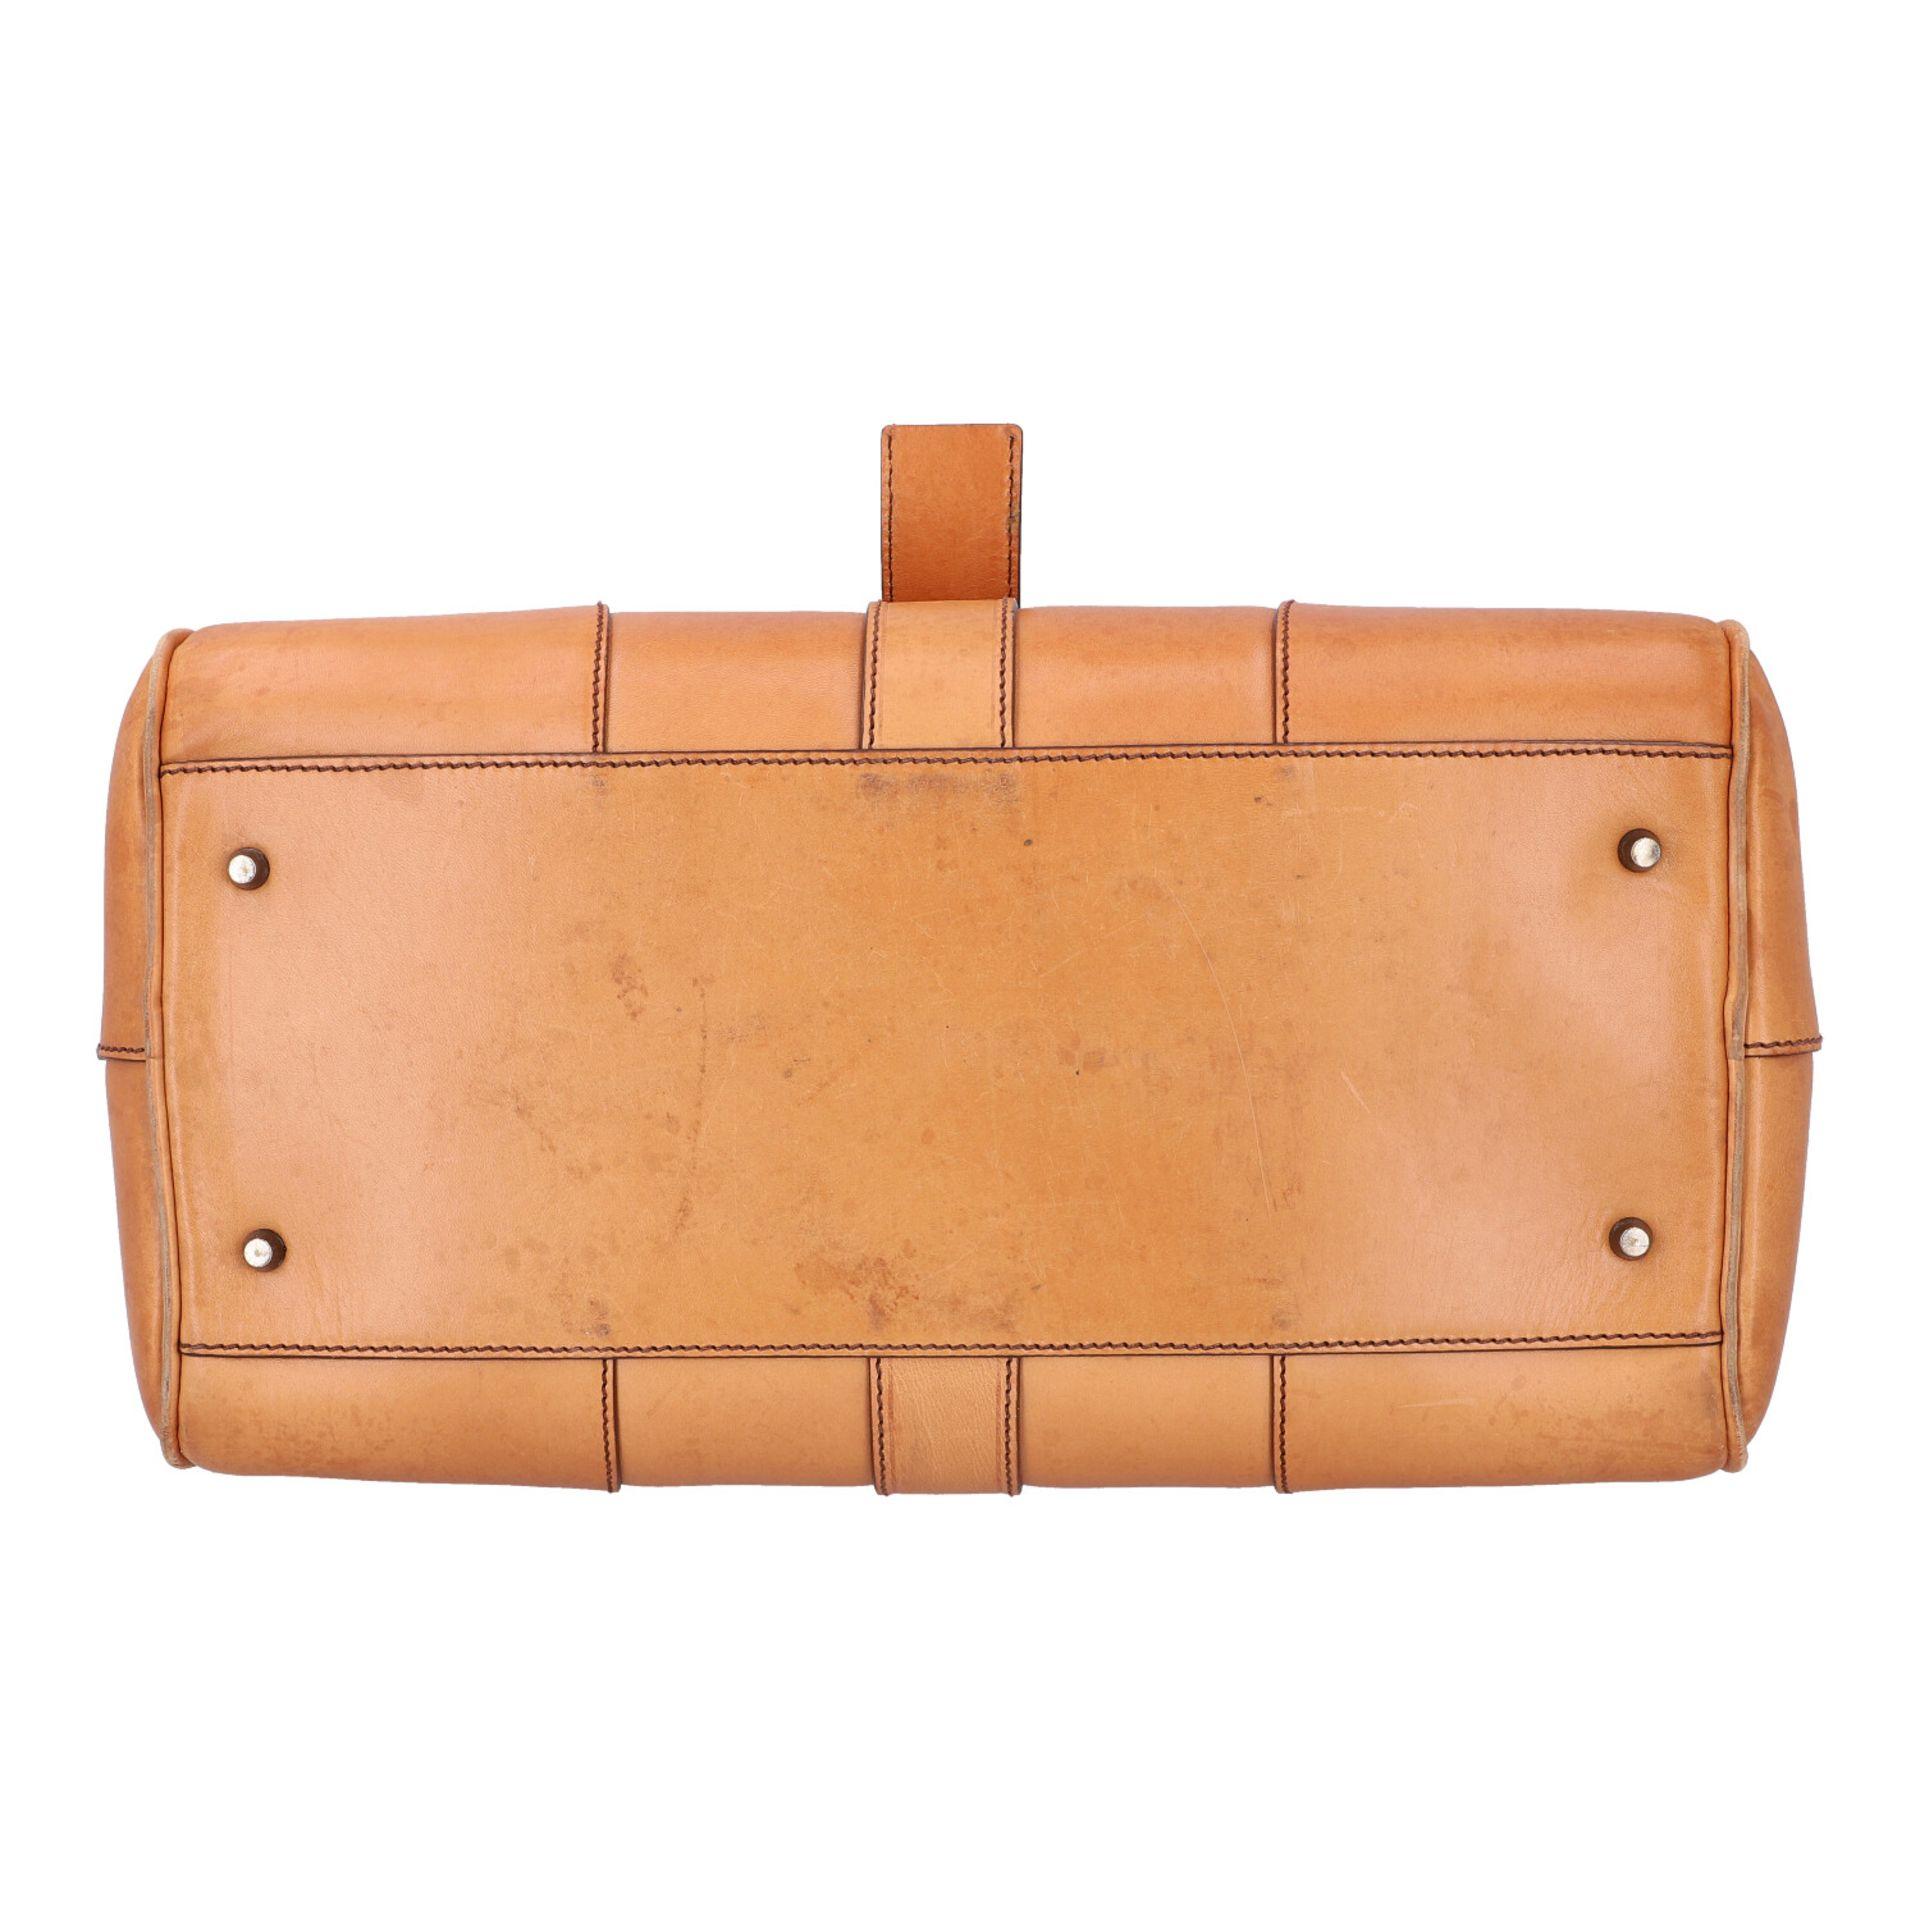 PRADA Handtasche. Glattleder in Beige mit silberfarbener Hardware, stabiles Modell mit - Image 5 of 8